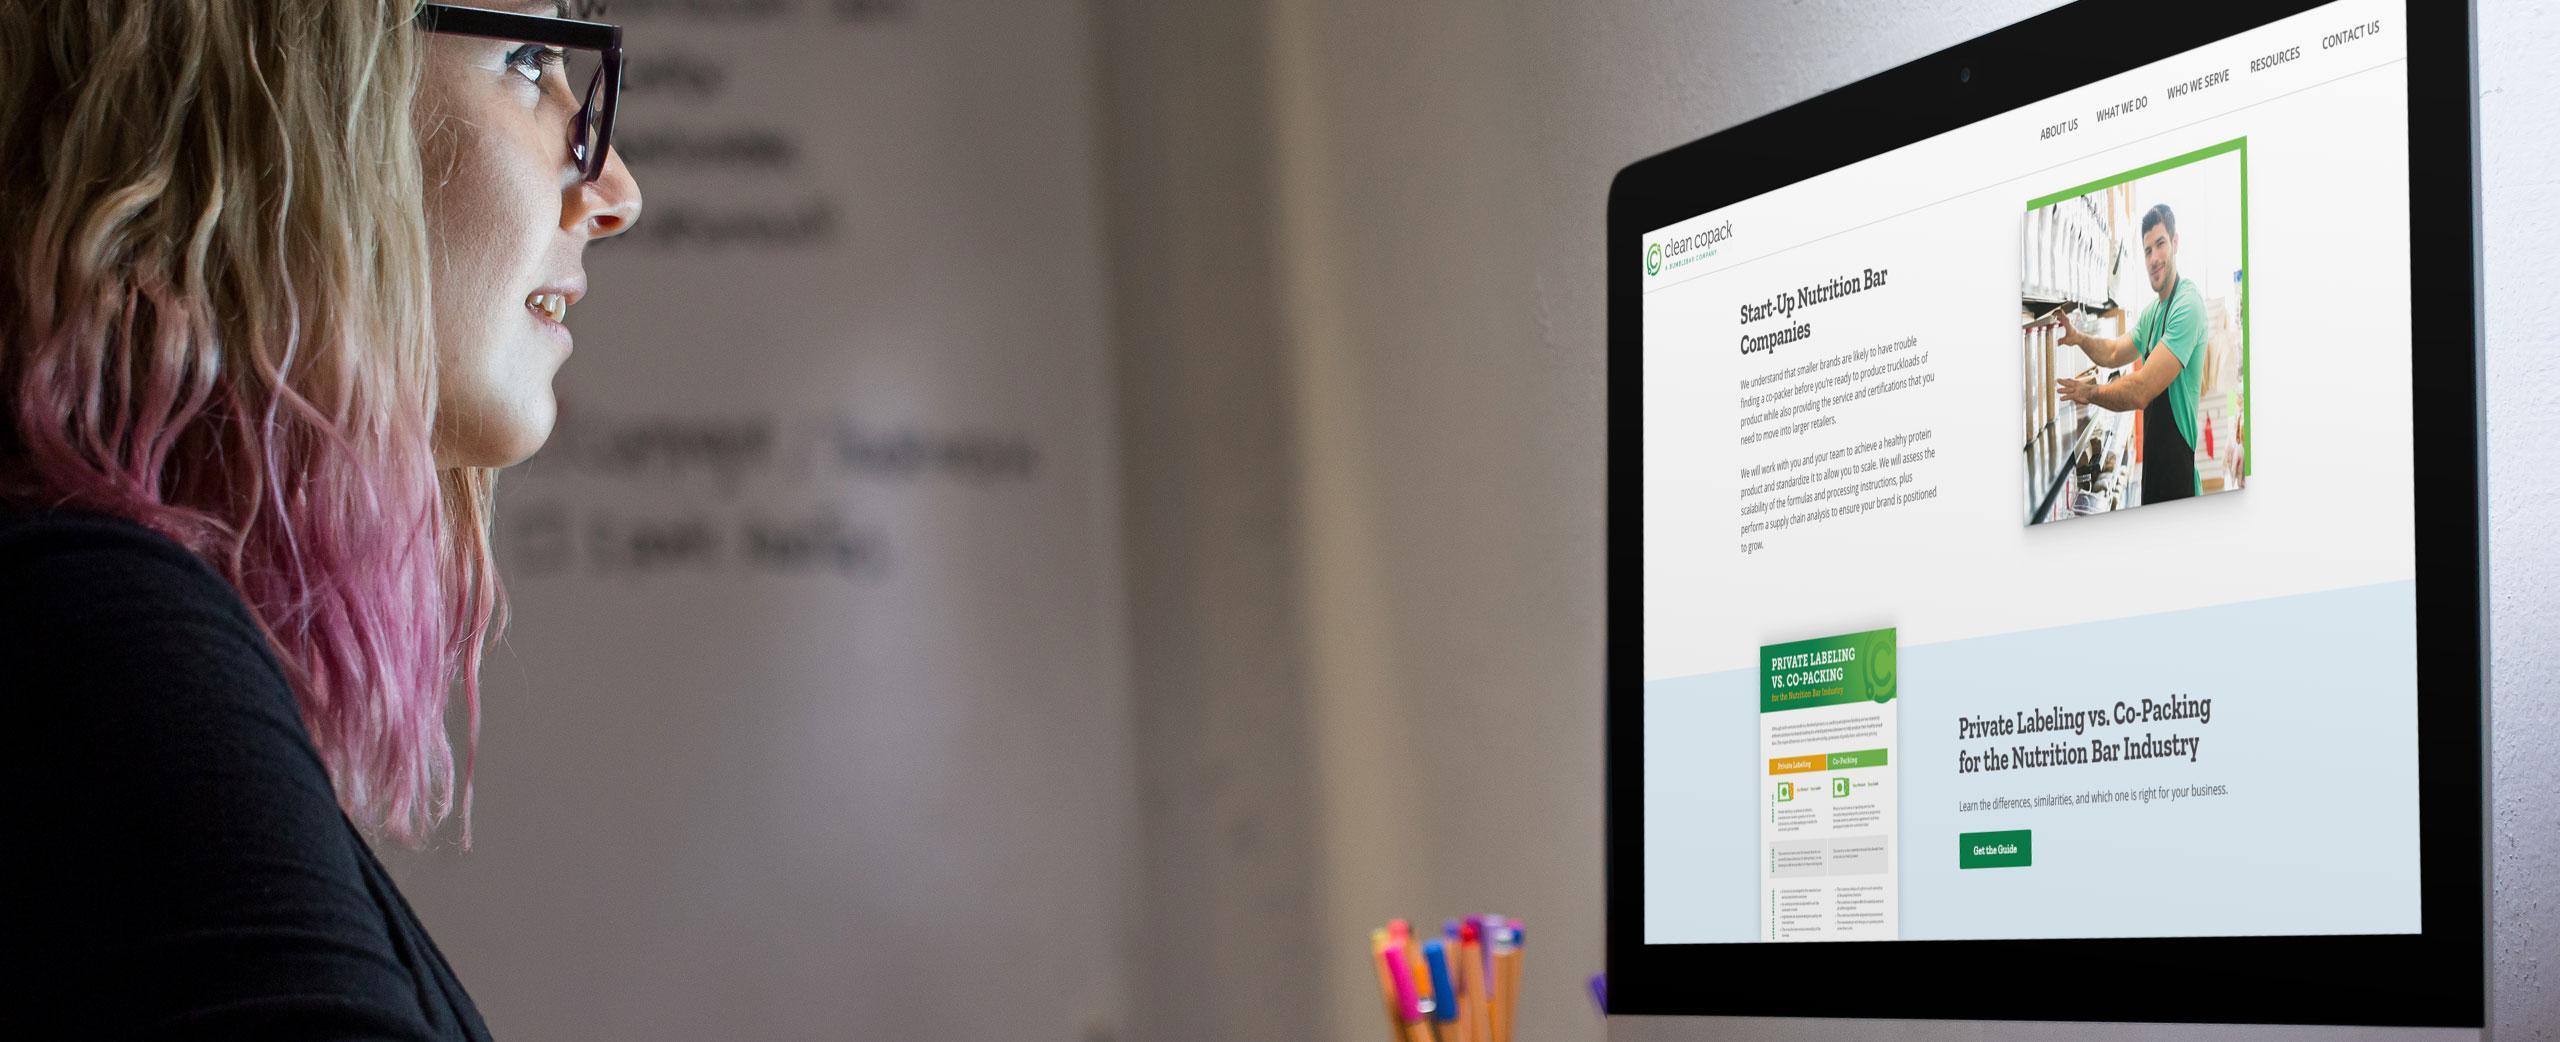 clean-copack-website-interior